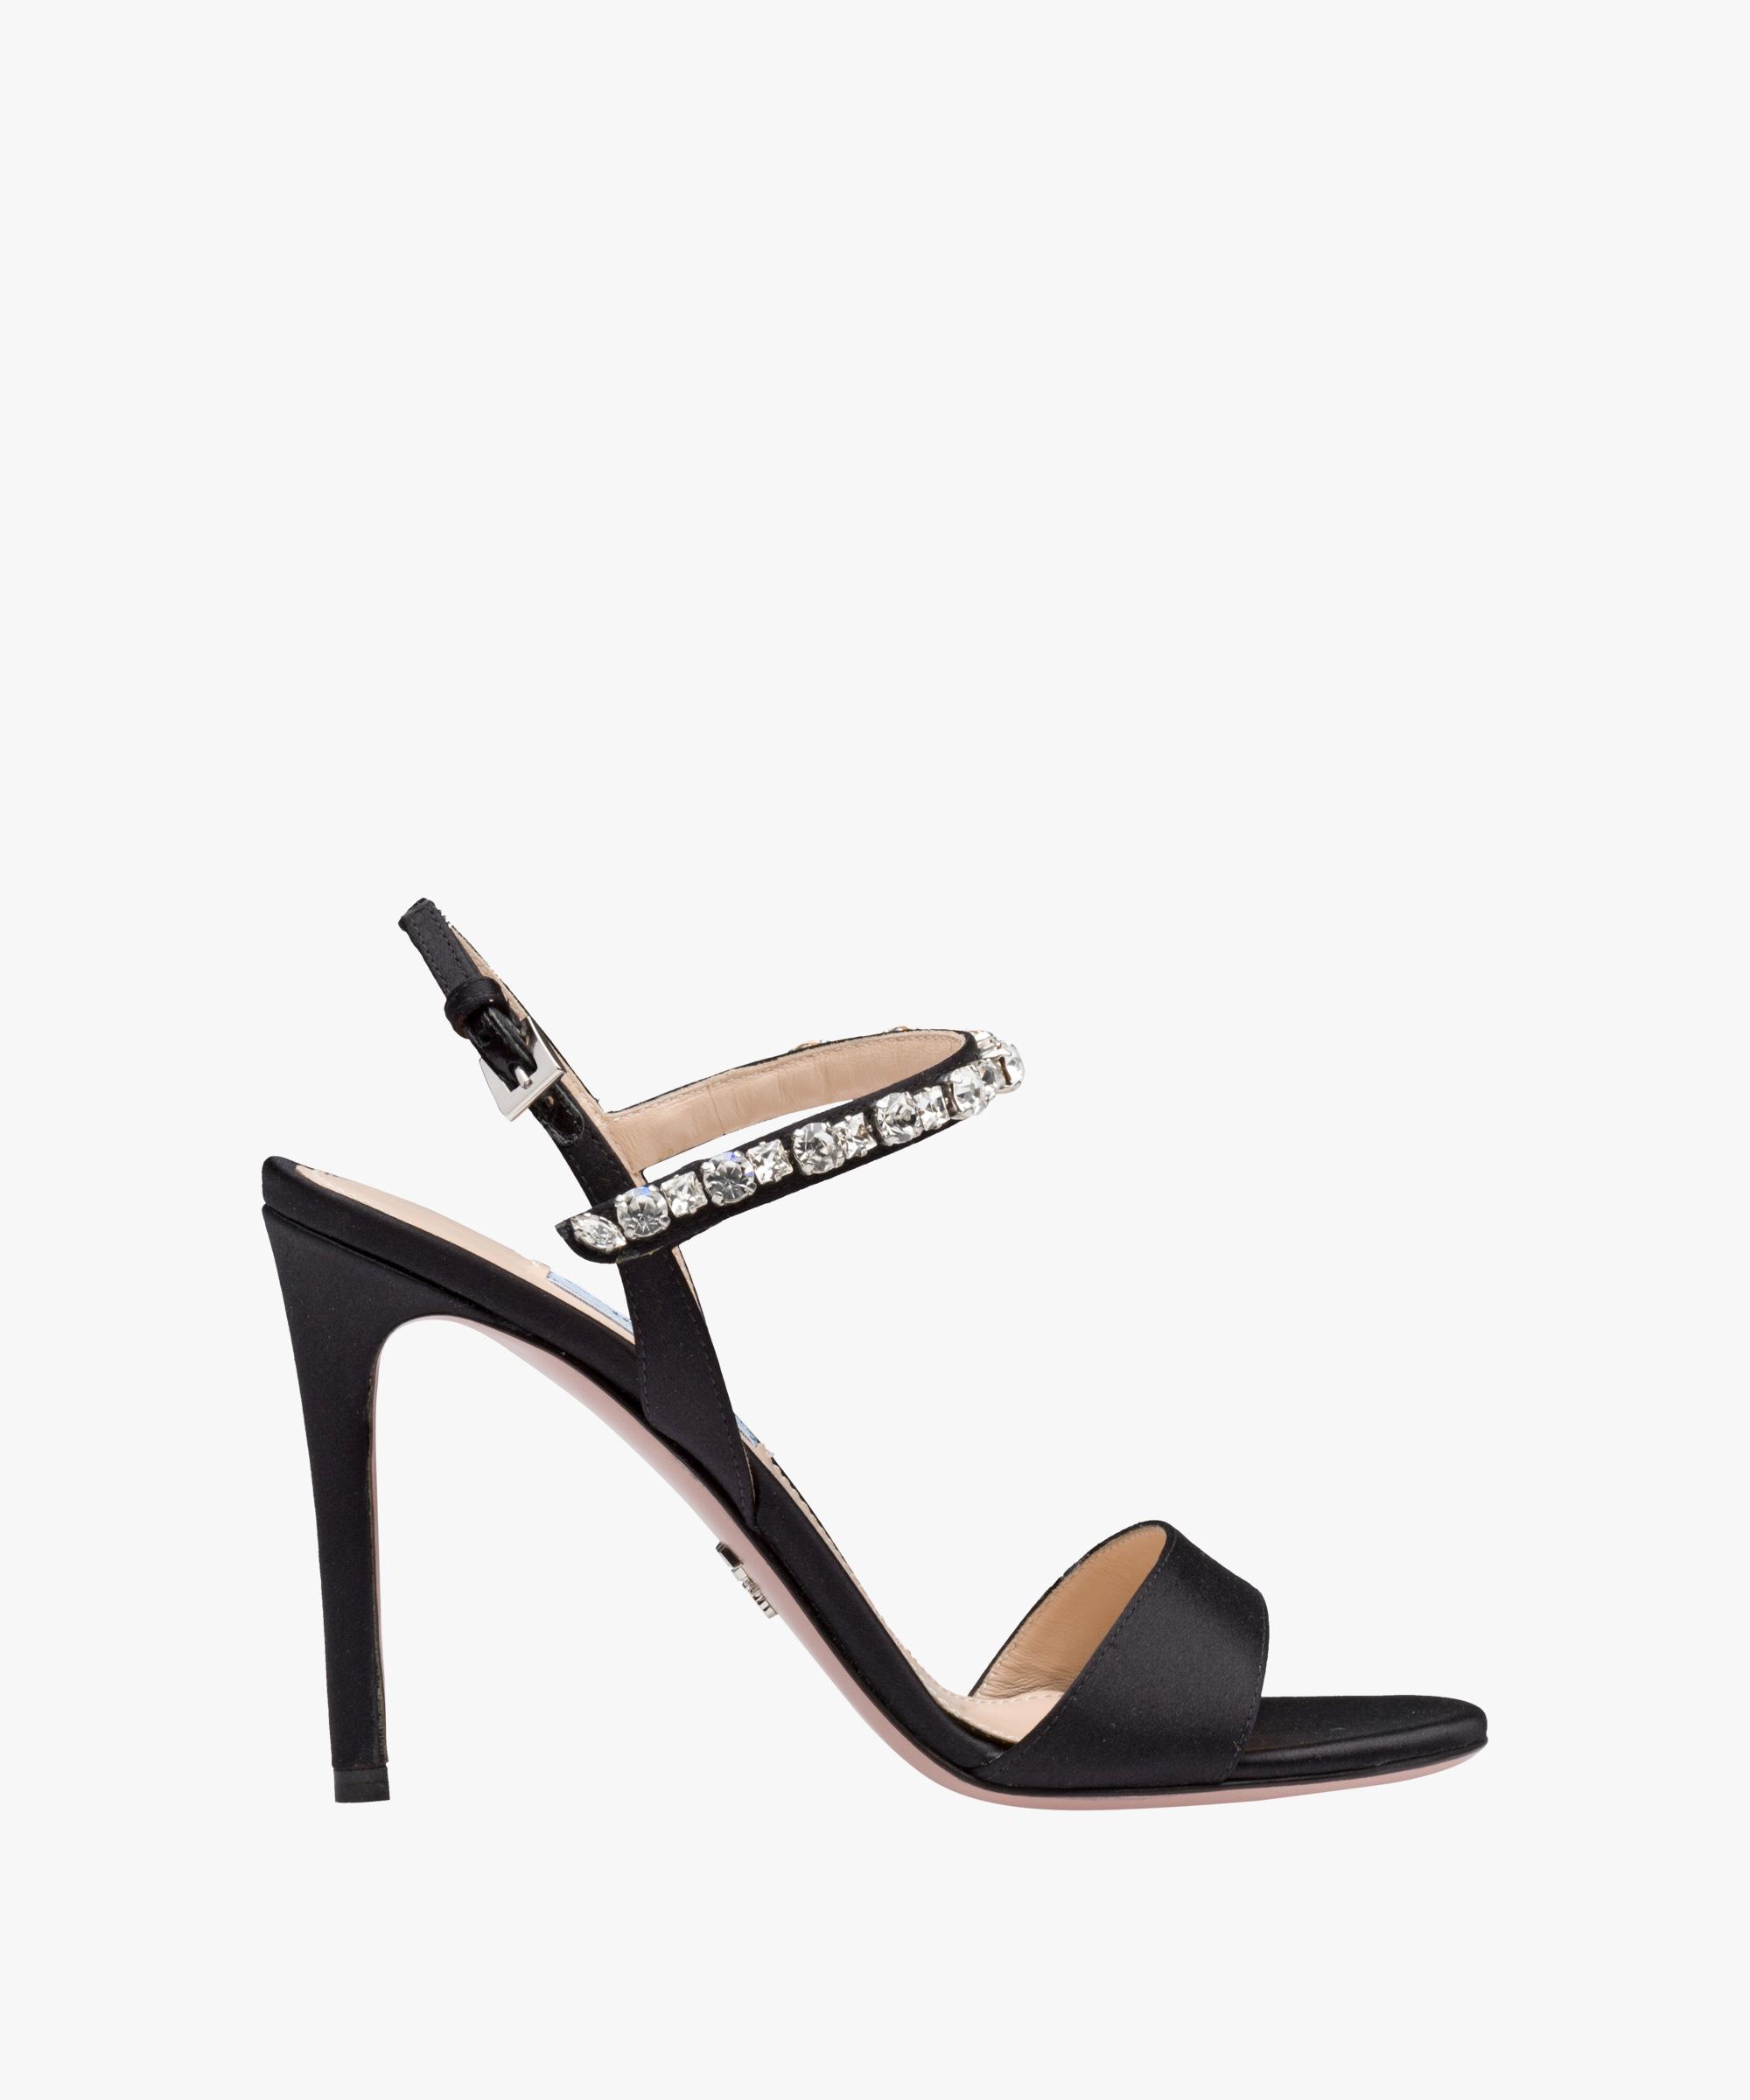 Sandali gioiello in raso con cristalli Prada